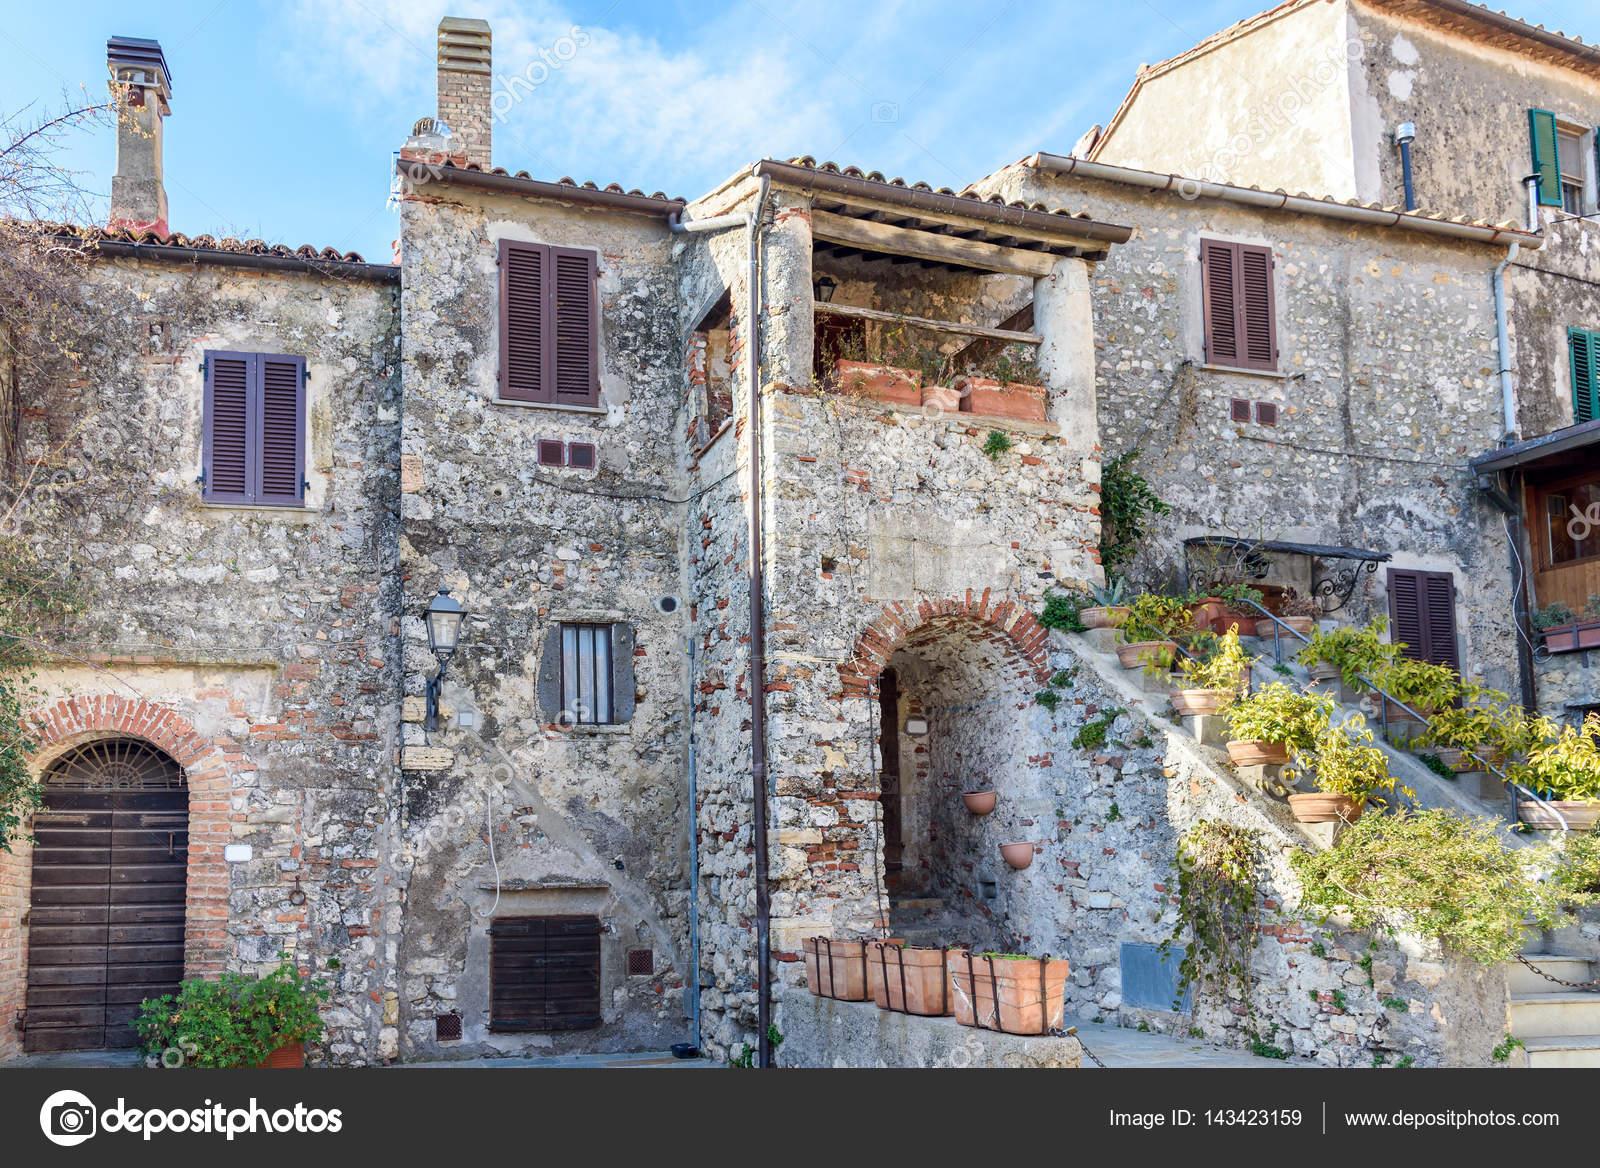 casas en Toscana — Foto de stock © Gio.Ca #143423159